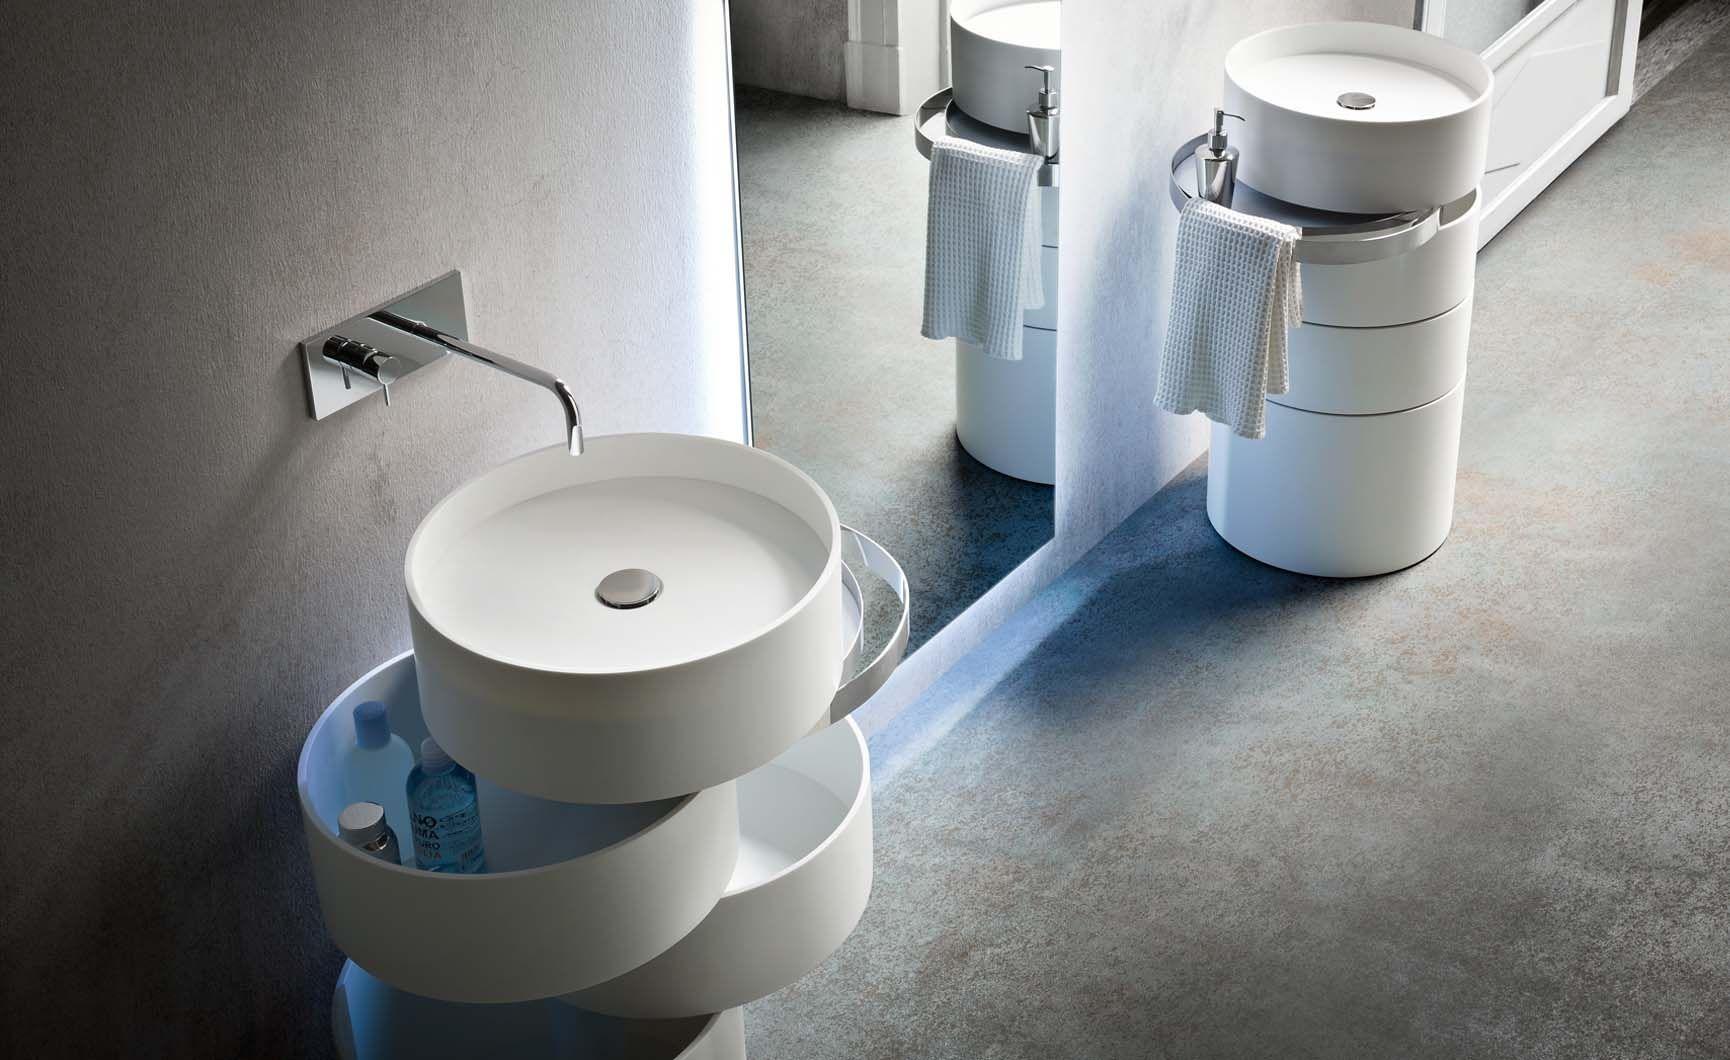 Orbit Sink - Wannahaves | Binnenhuisarchitectuur | Pinterest ...